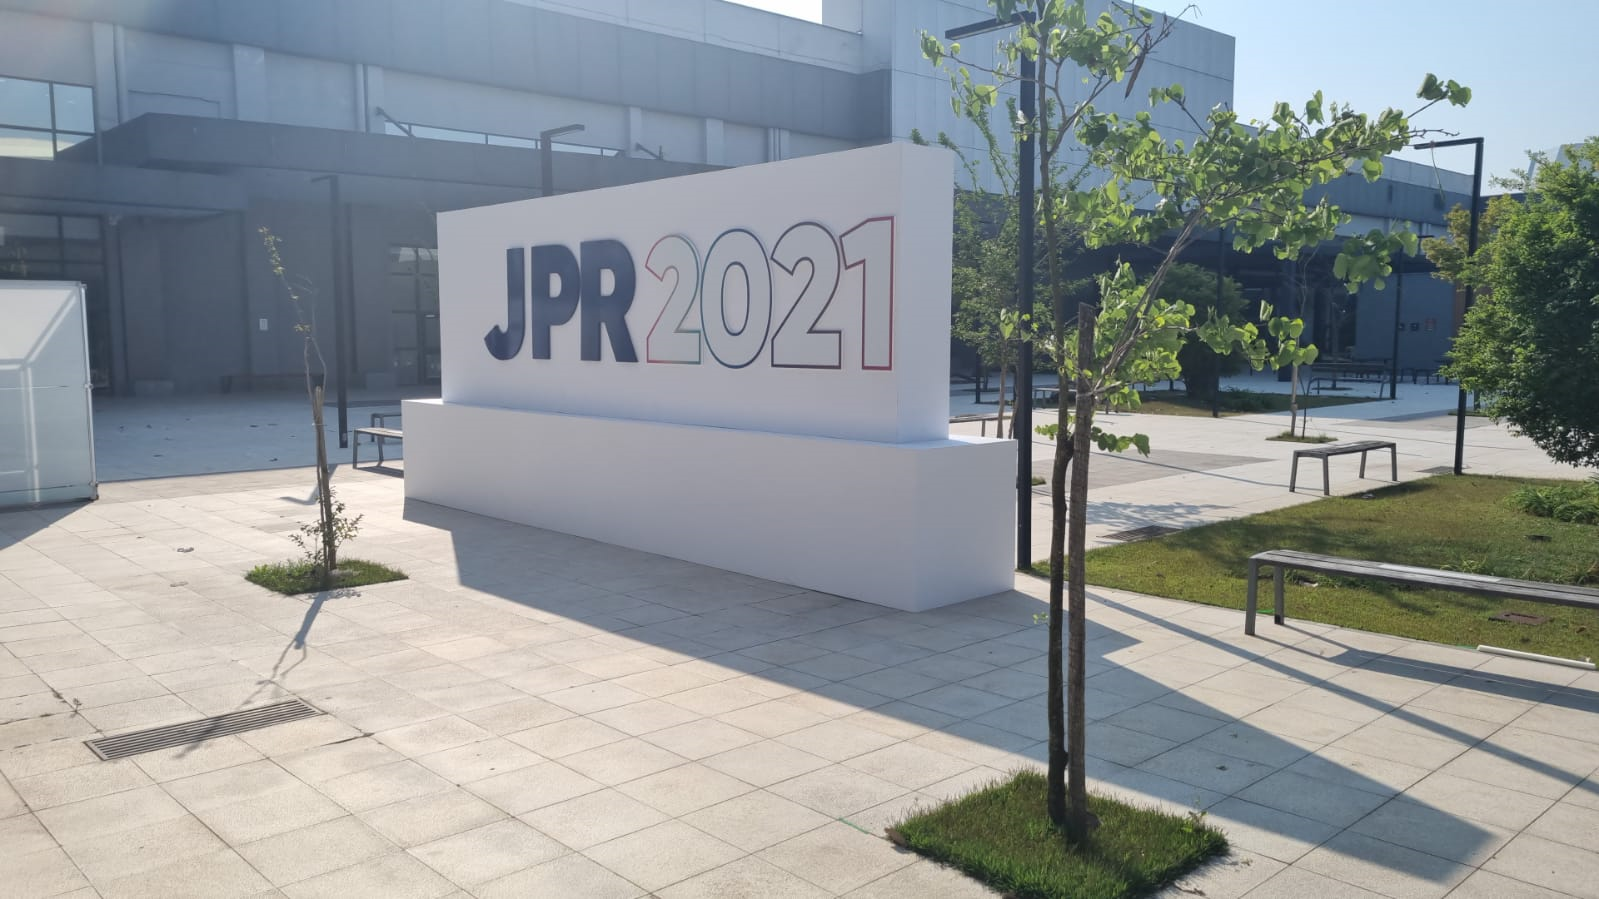 JPR 2021: confira informações importantes sobre participação presencial e online